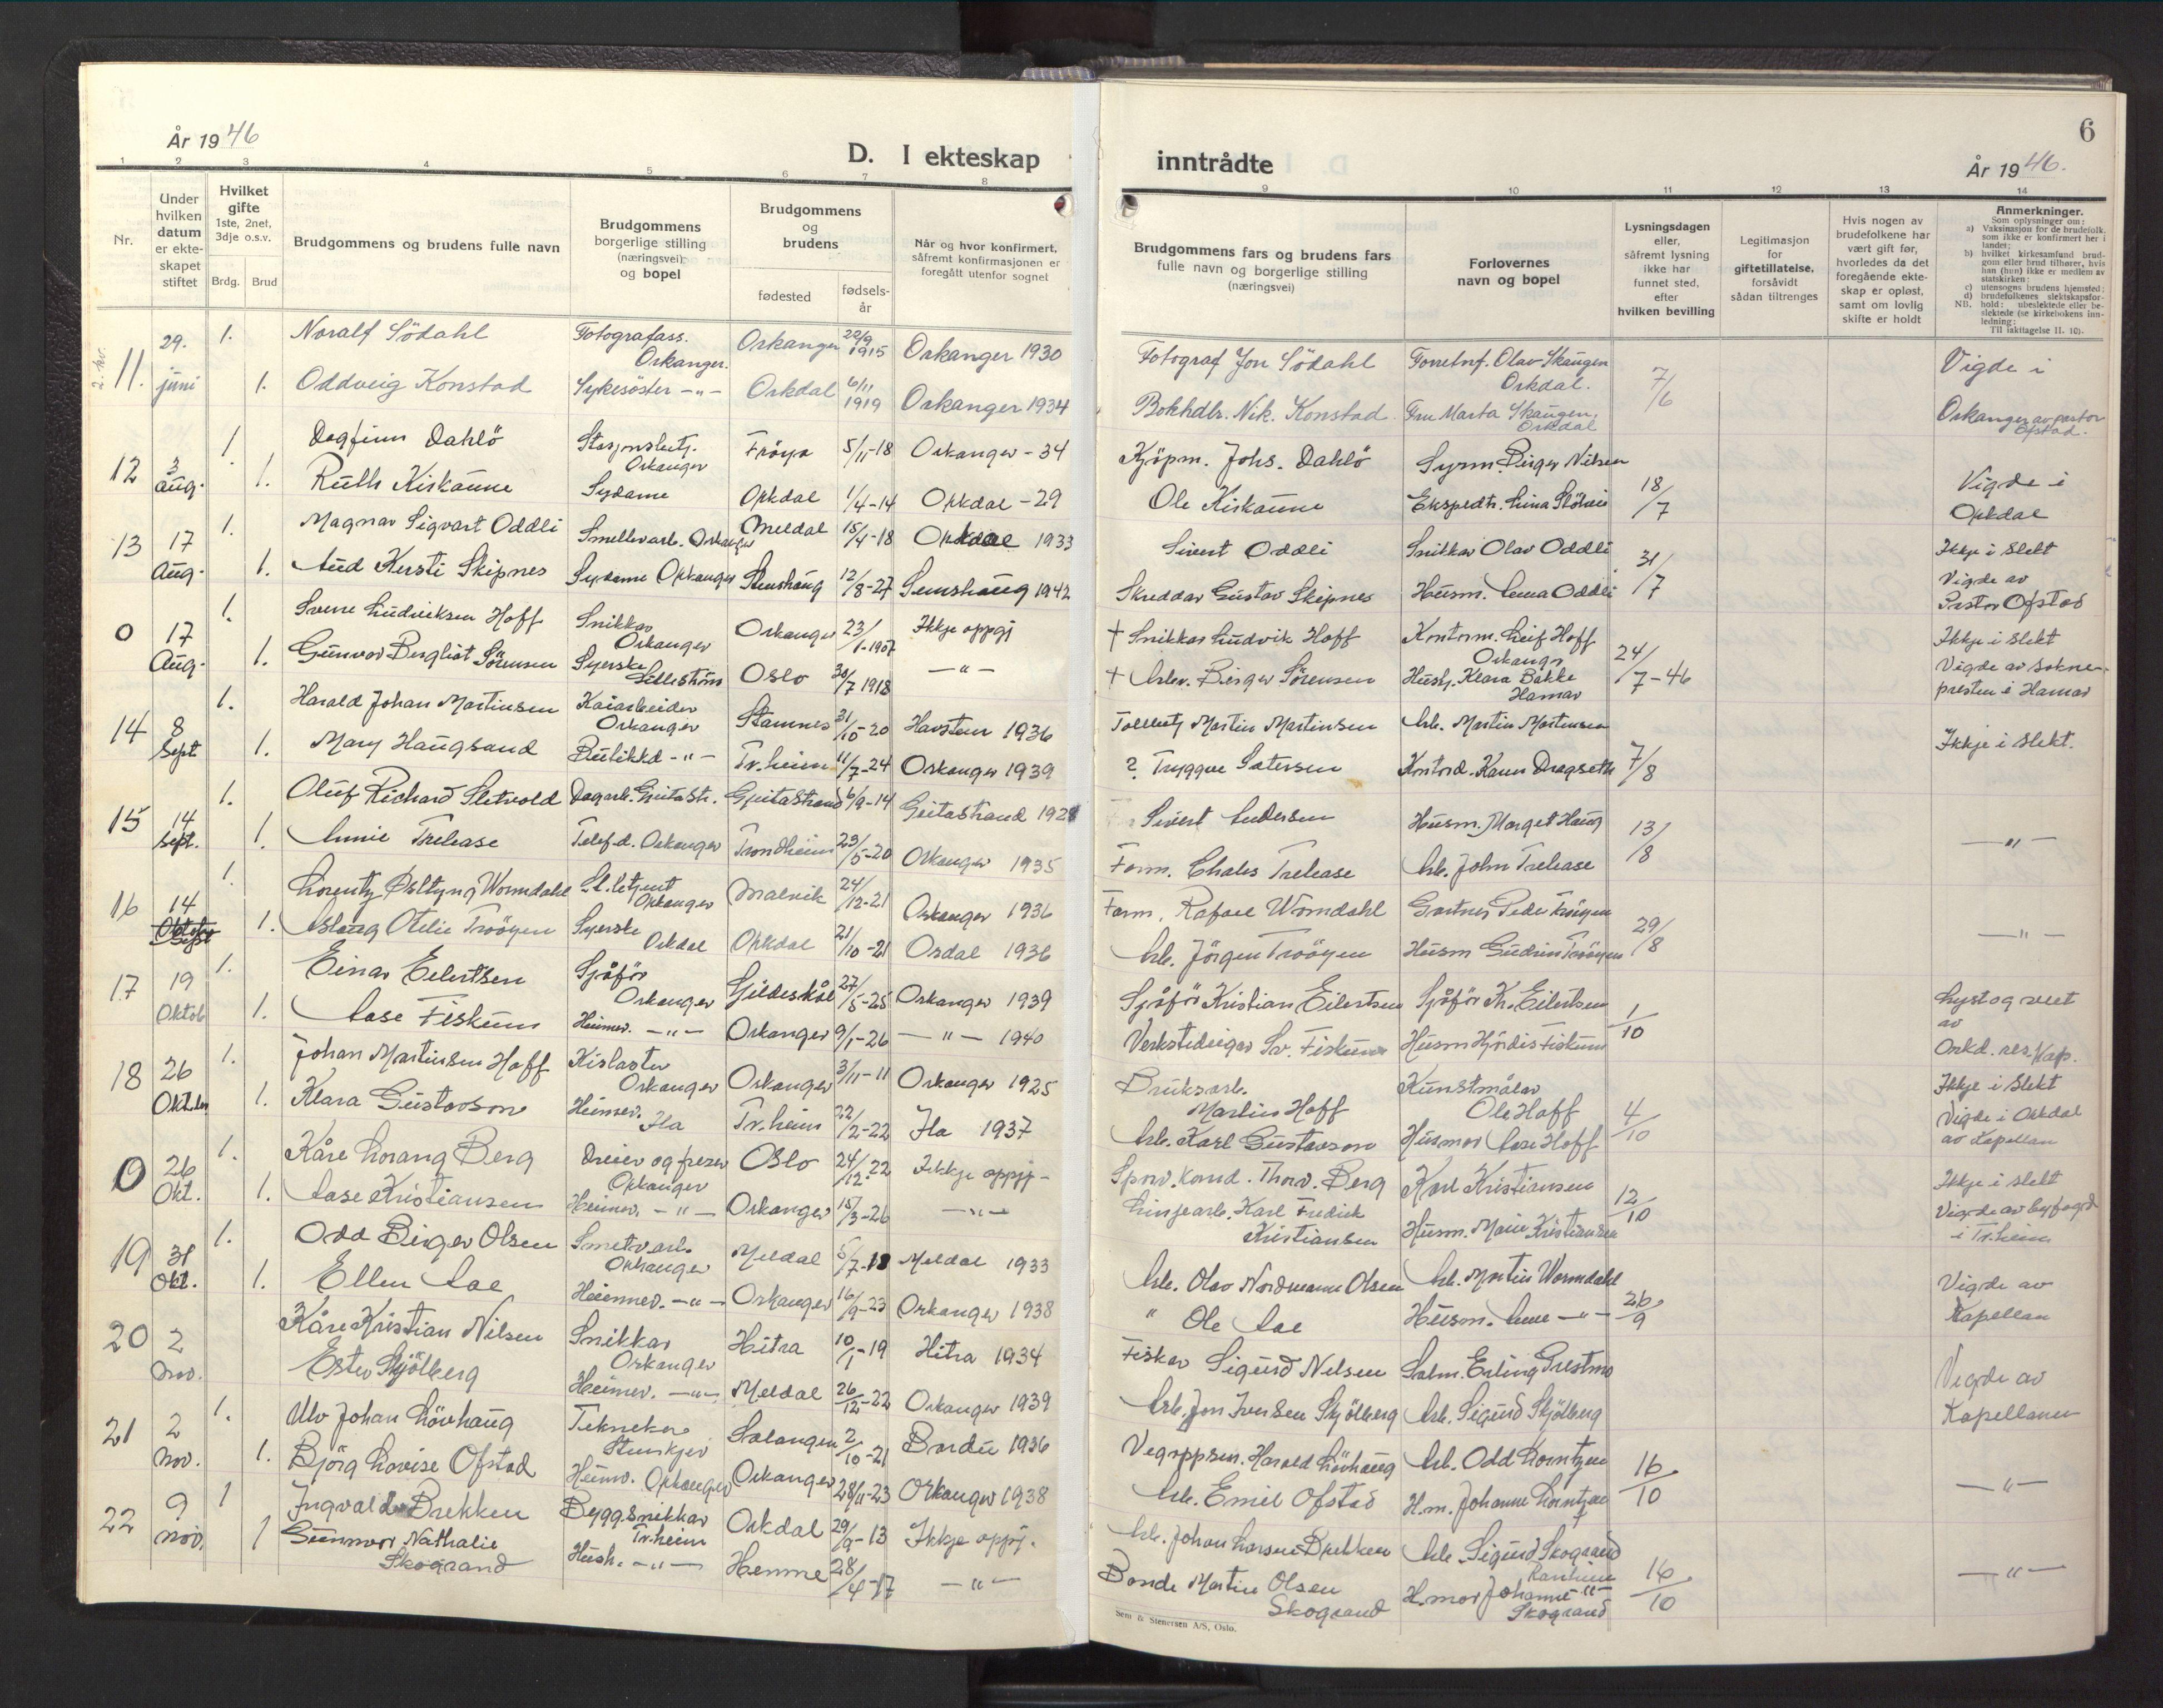 SAT, Ministerialprotokoller, klokkerbøker og fødselsregistre - Sør-Trøndelag, 669/L0833: Klokkerbok nr. 669C03, 1945-1950, s. 6